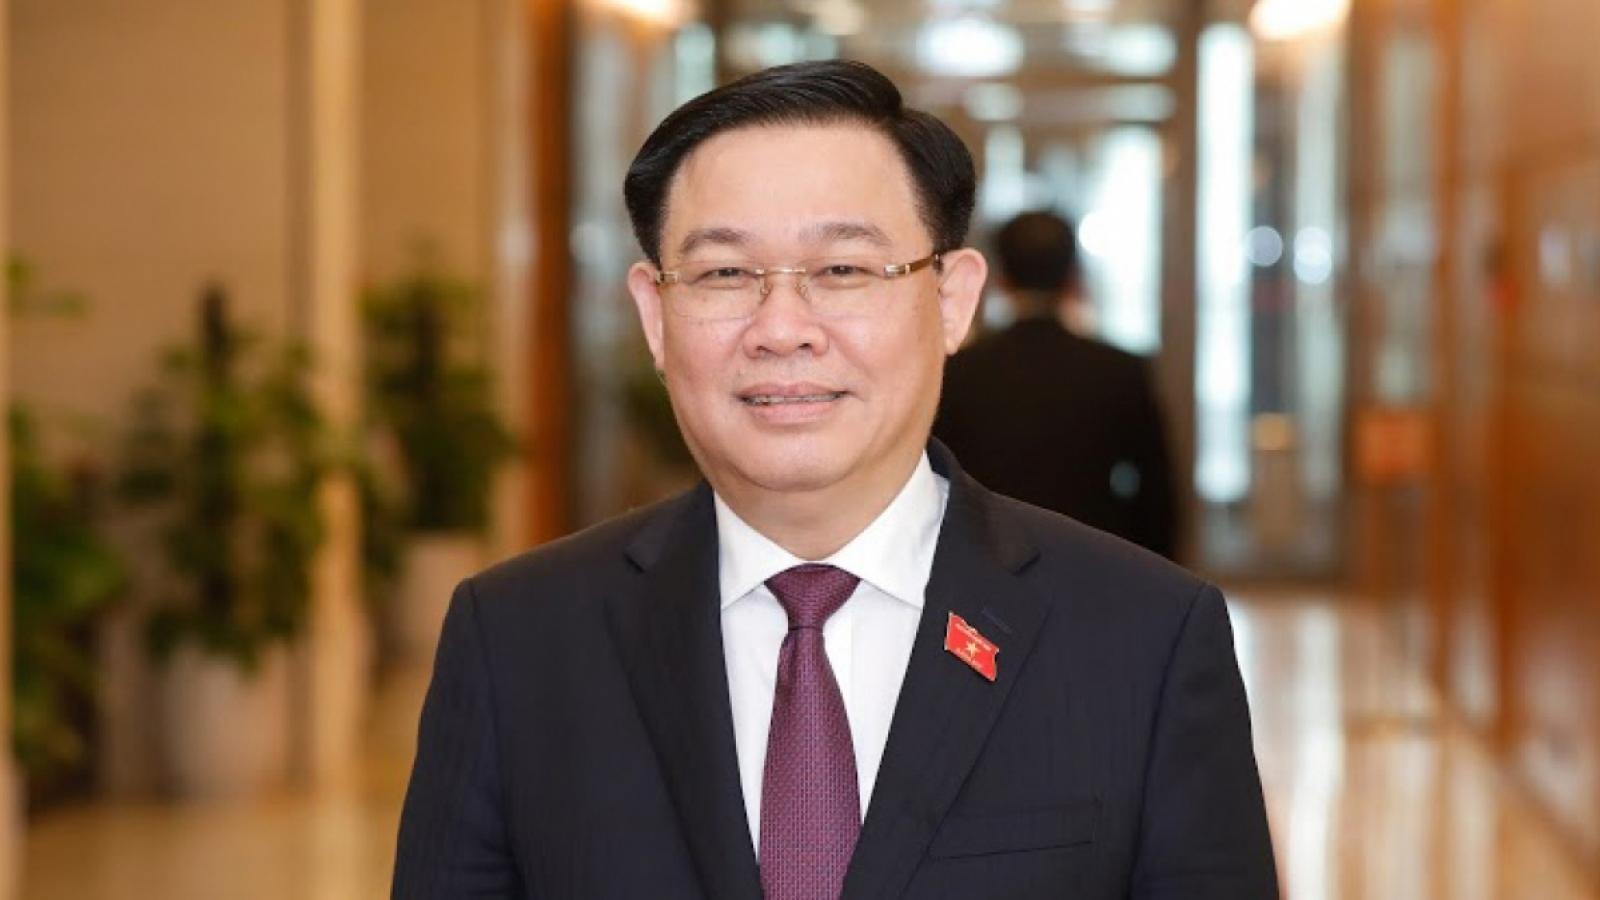 Lãnh đạo Quốc hội, Nghị viện các nước chúc mừng Chủ tịch Quốc hội Vương Đình Huệ